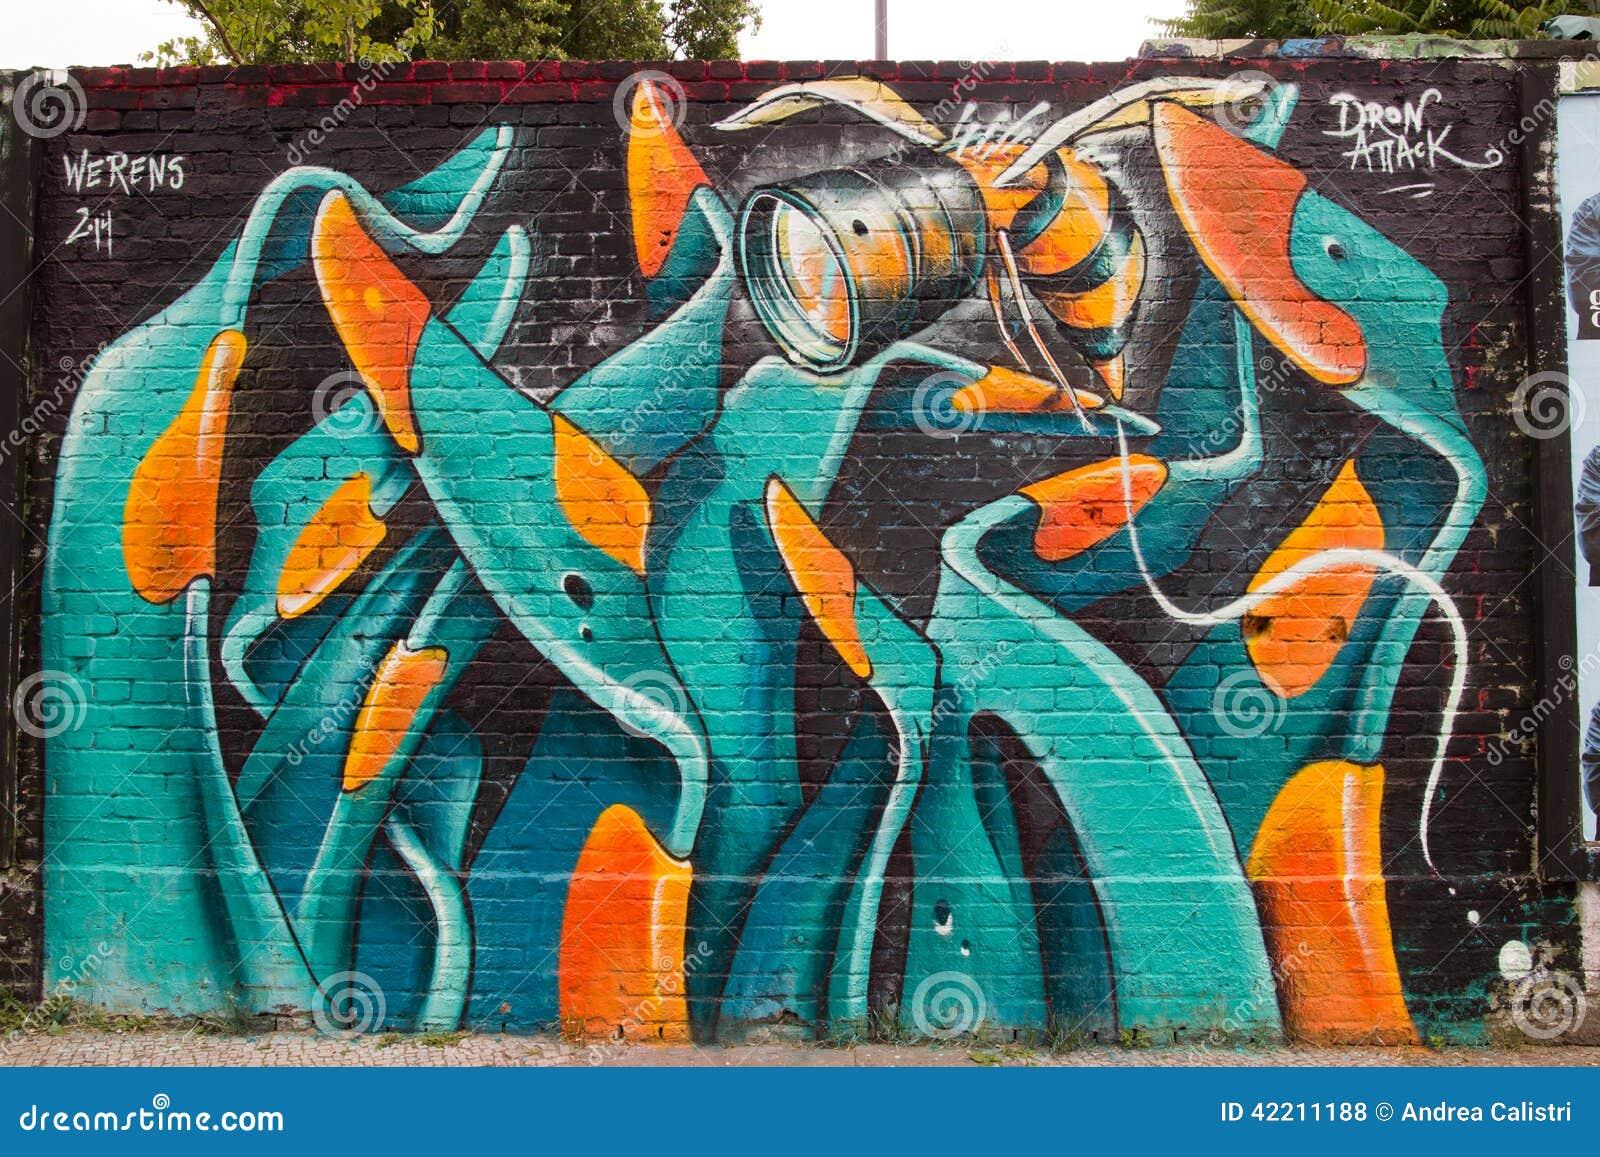 Strassen Kunst Und Graffiti In Berlin Deutschland Redaktionelles